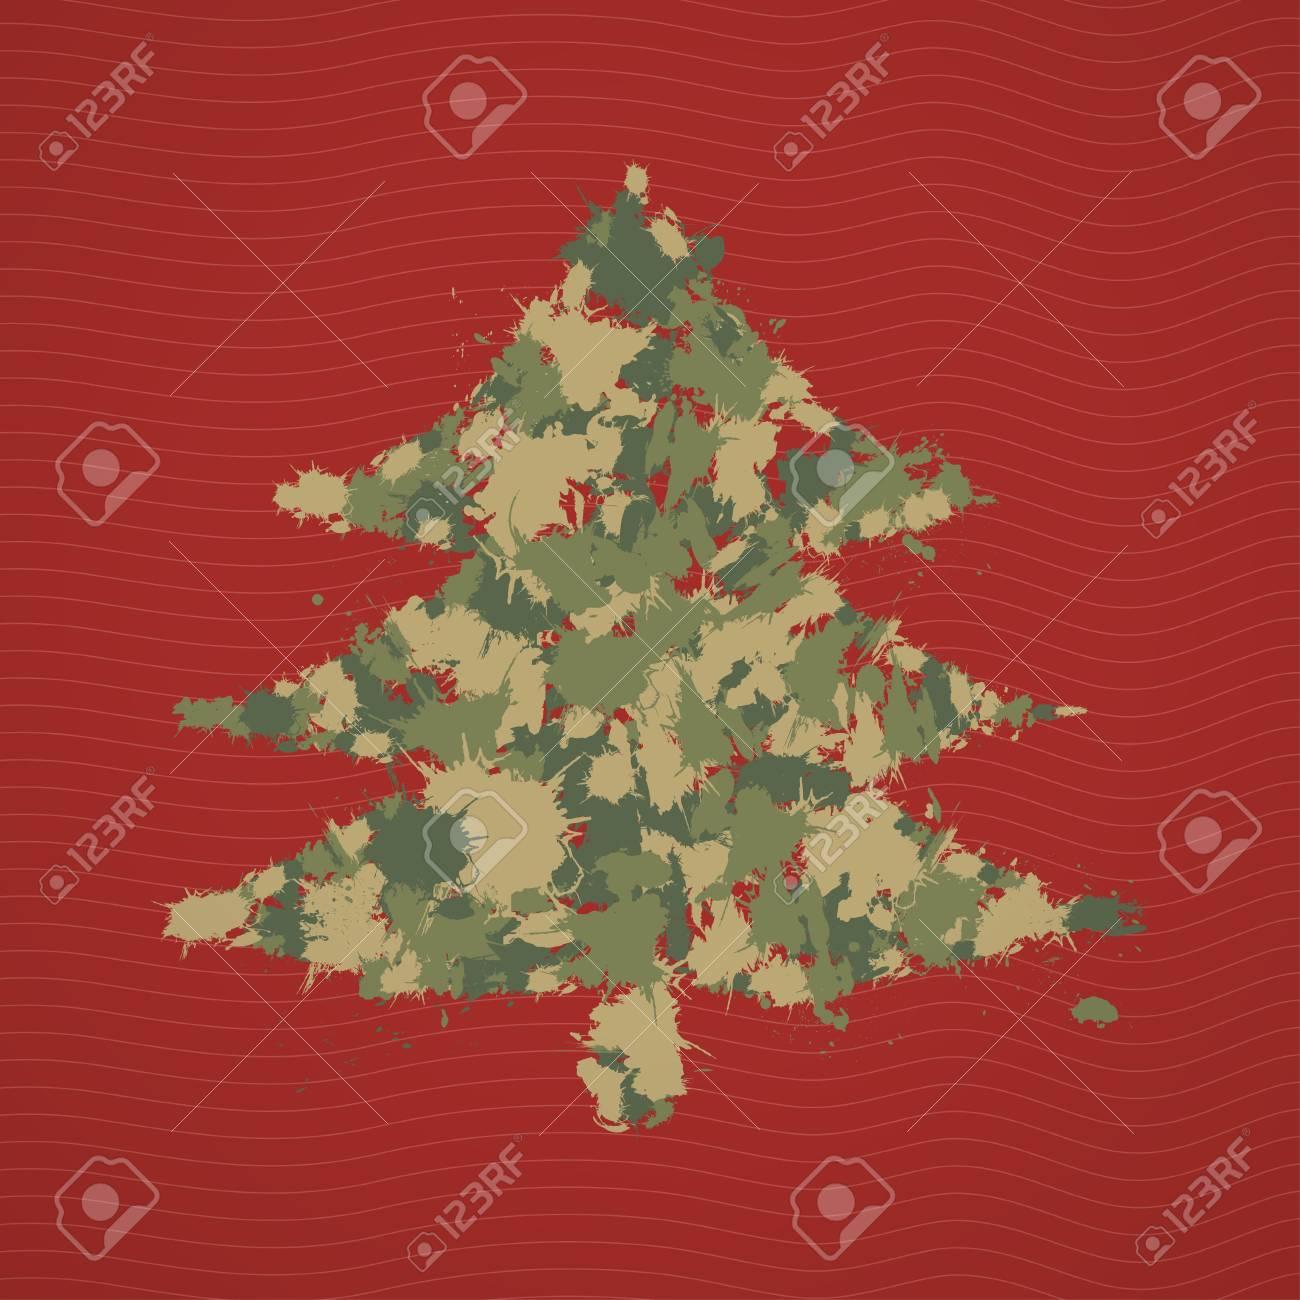 Vettoriale Priorità Bassa Di Buon Natale Con Carta Di Albero Di